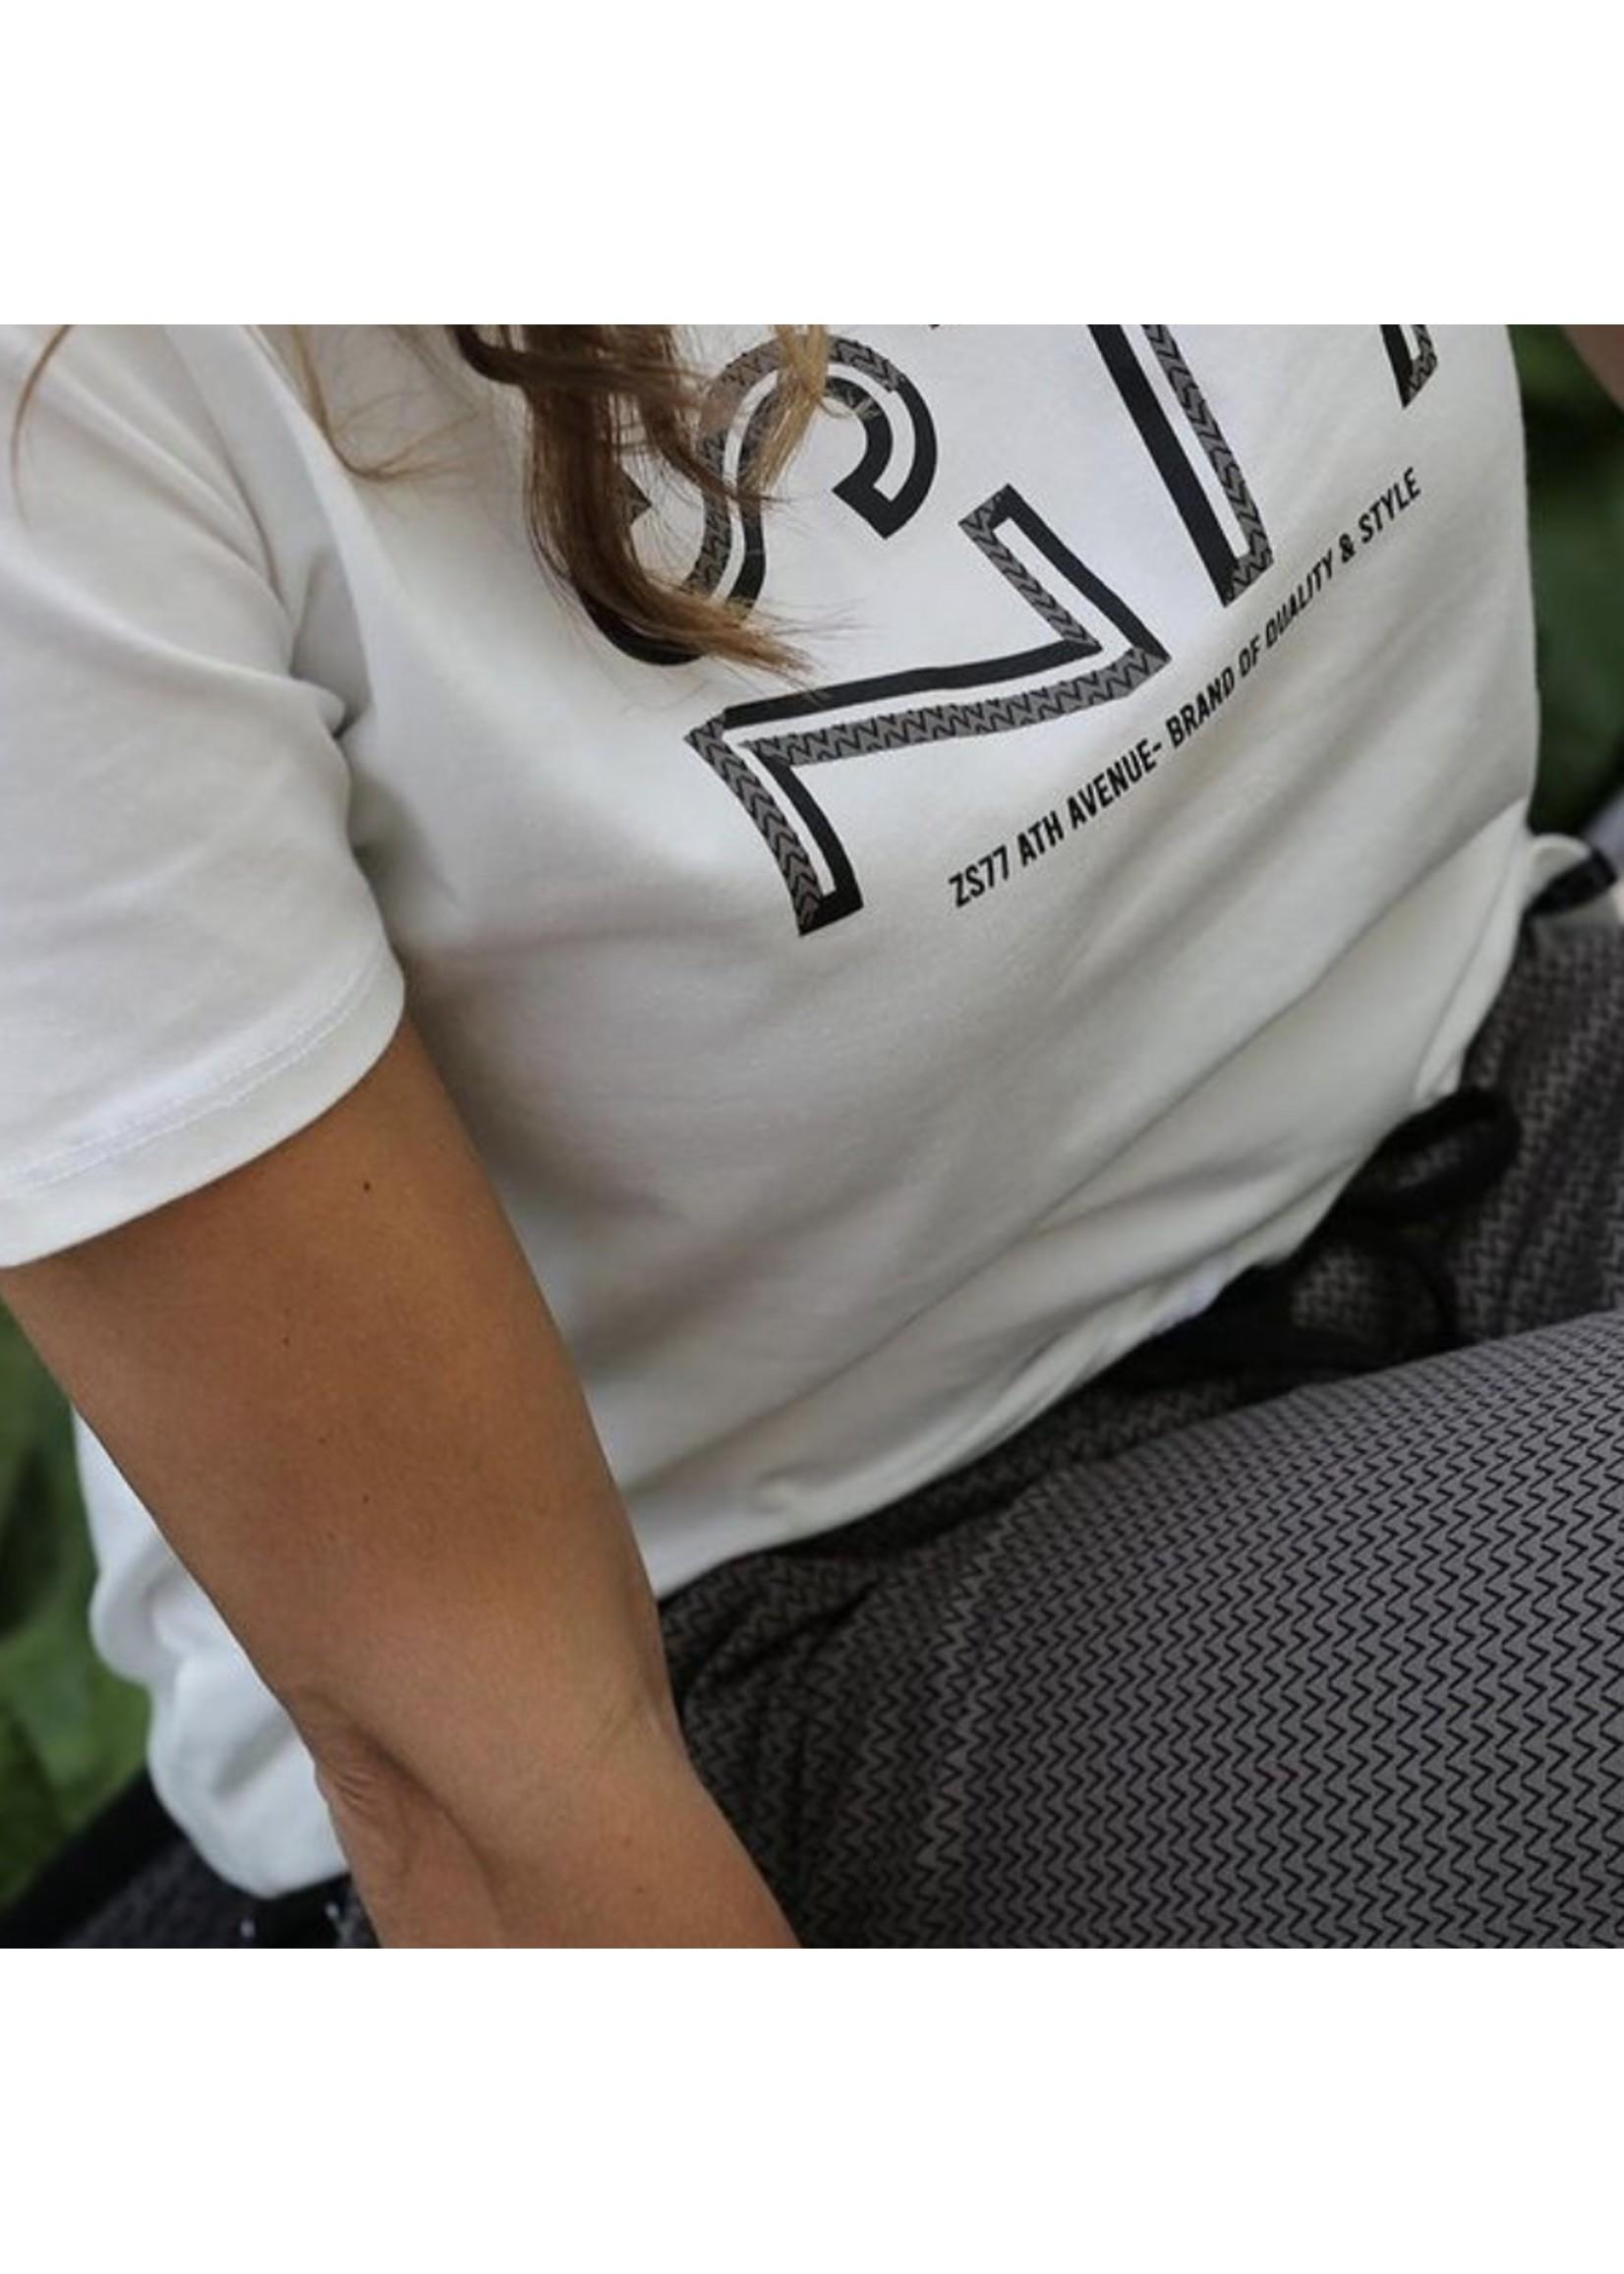 Zoso Zoso - Denise - trouser - Taupe/black